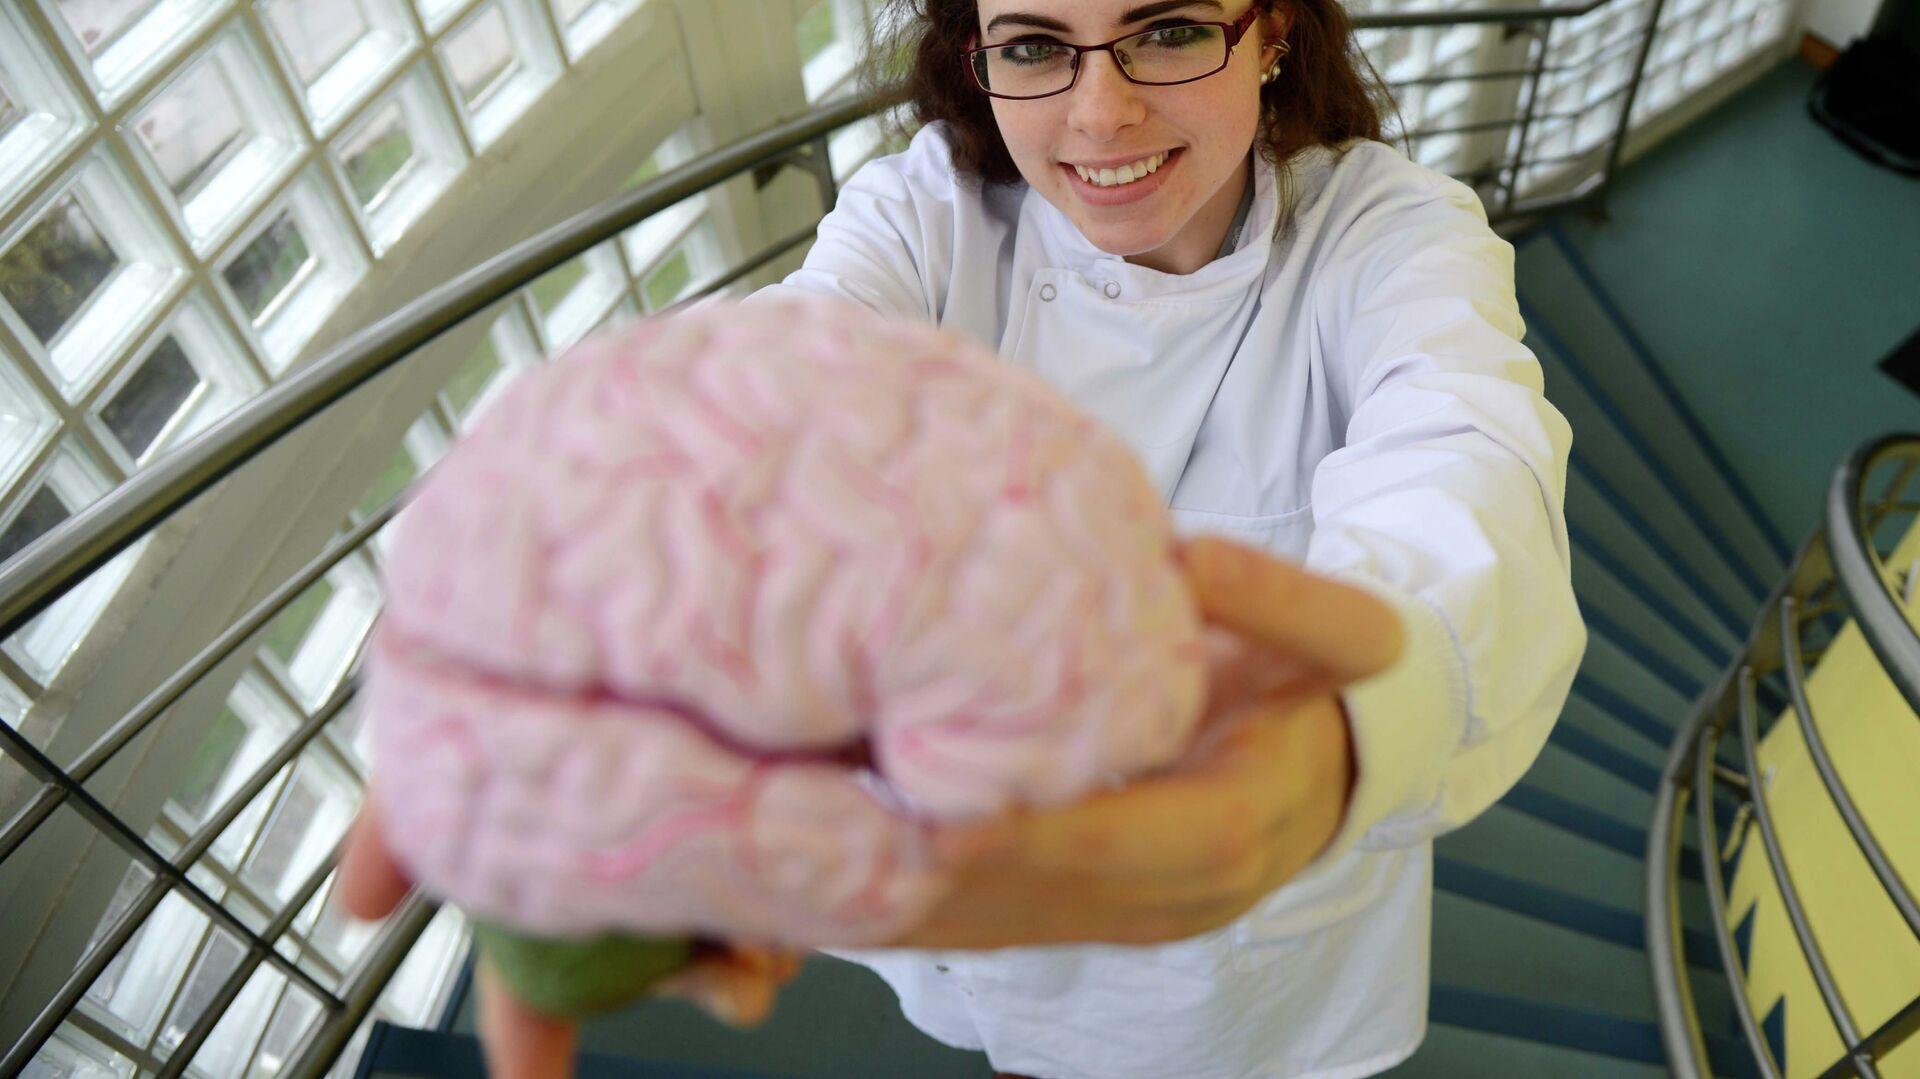 Ученый держит в руках мозг человека, страдавшего болезнью Альцгеймера - РИА Новости, 1920, 08.04.2021